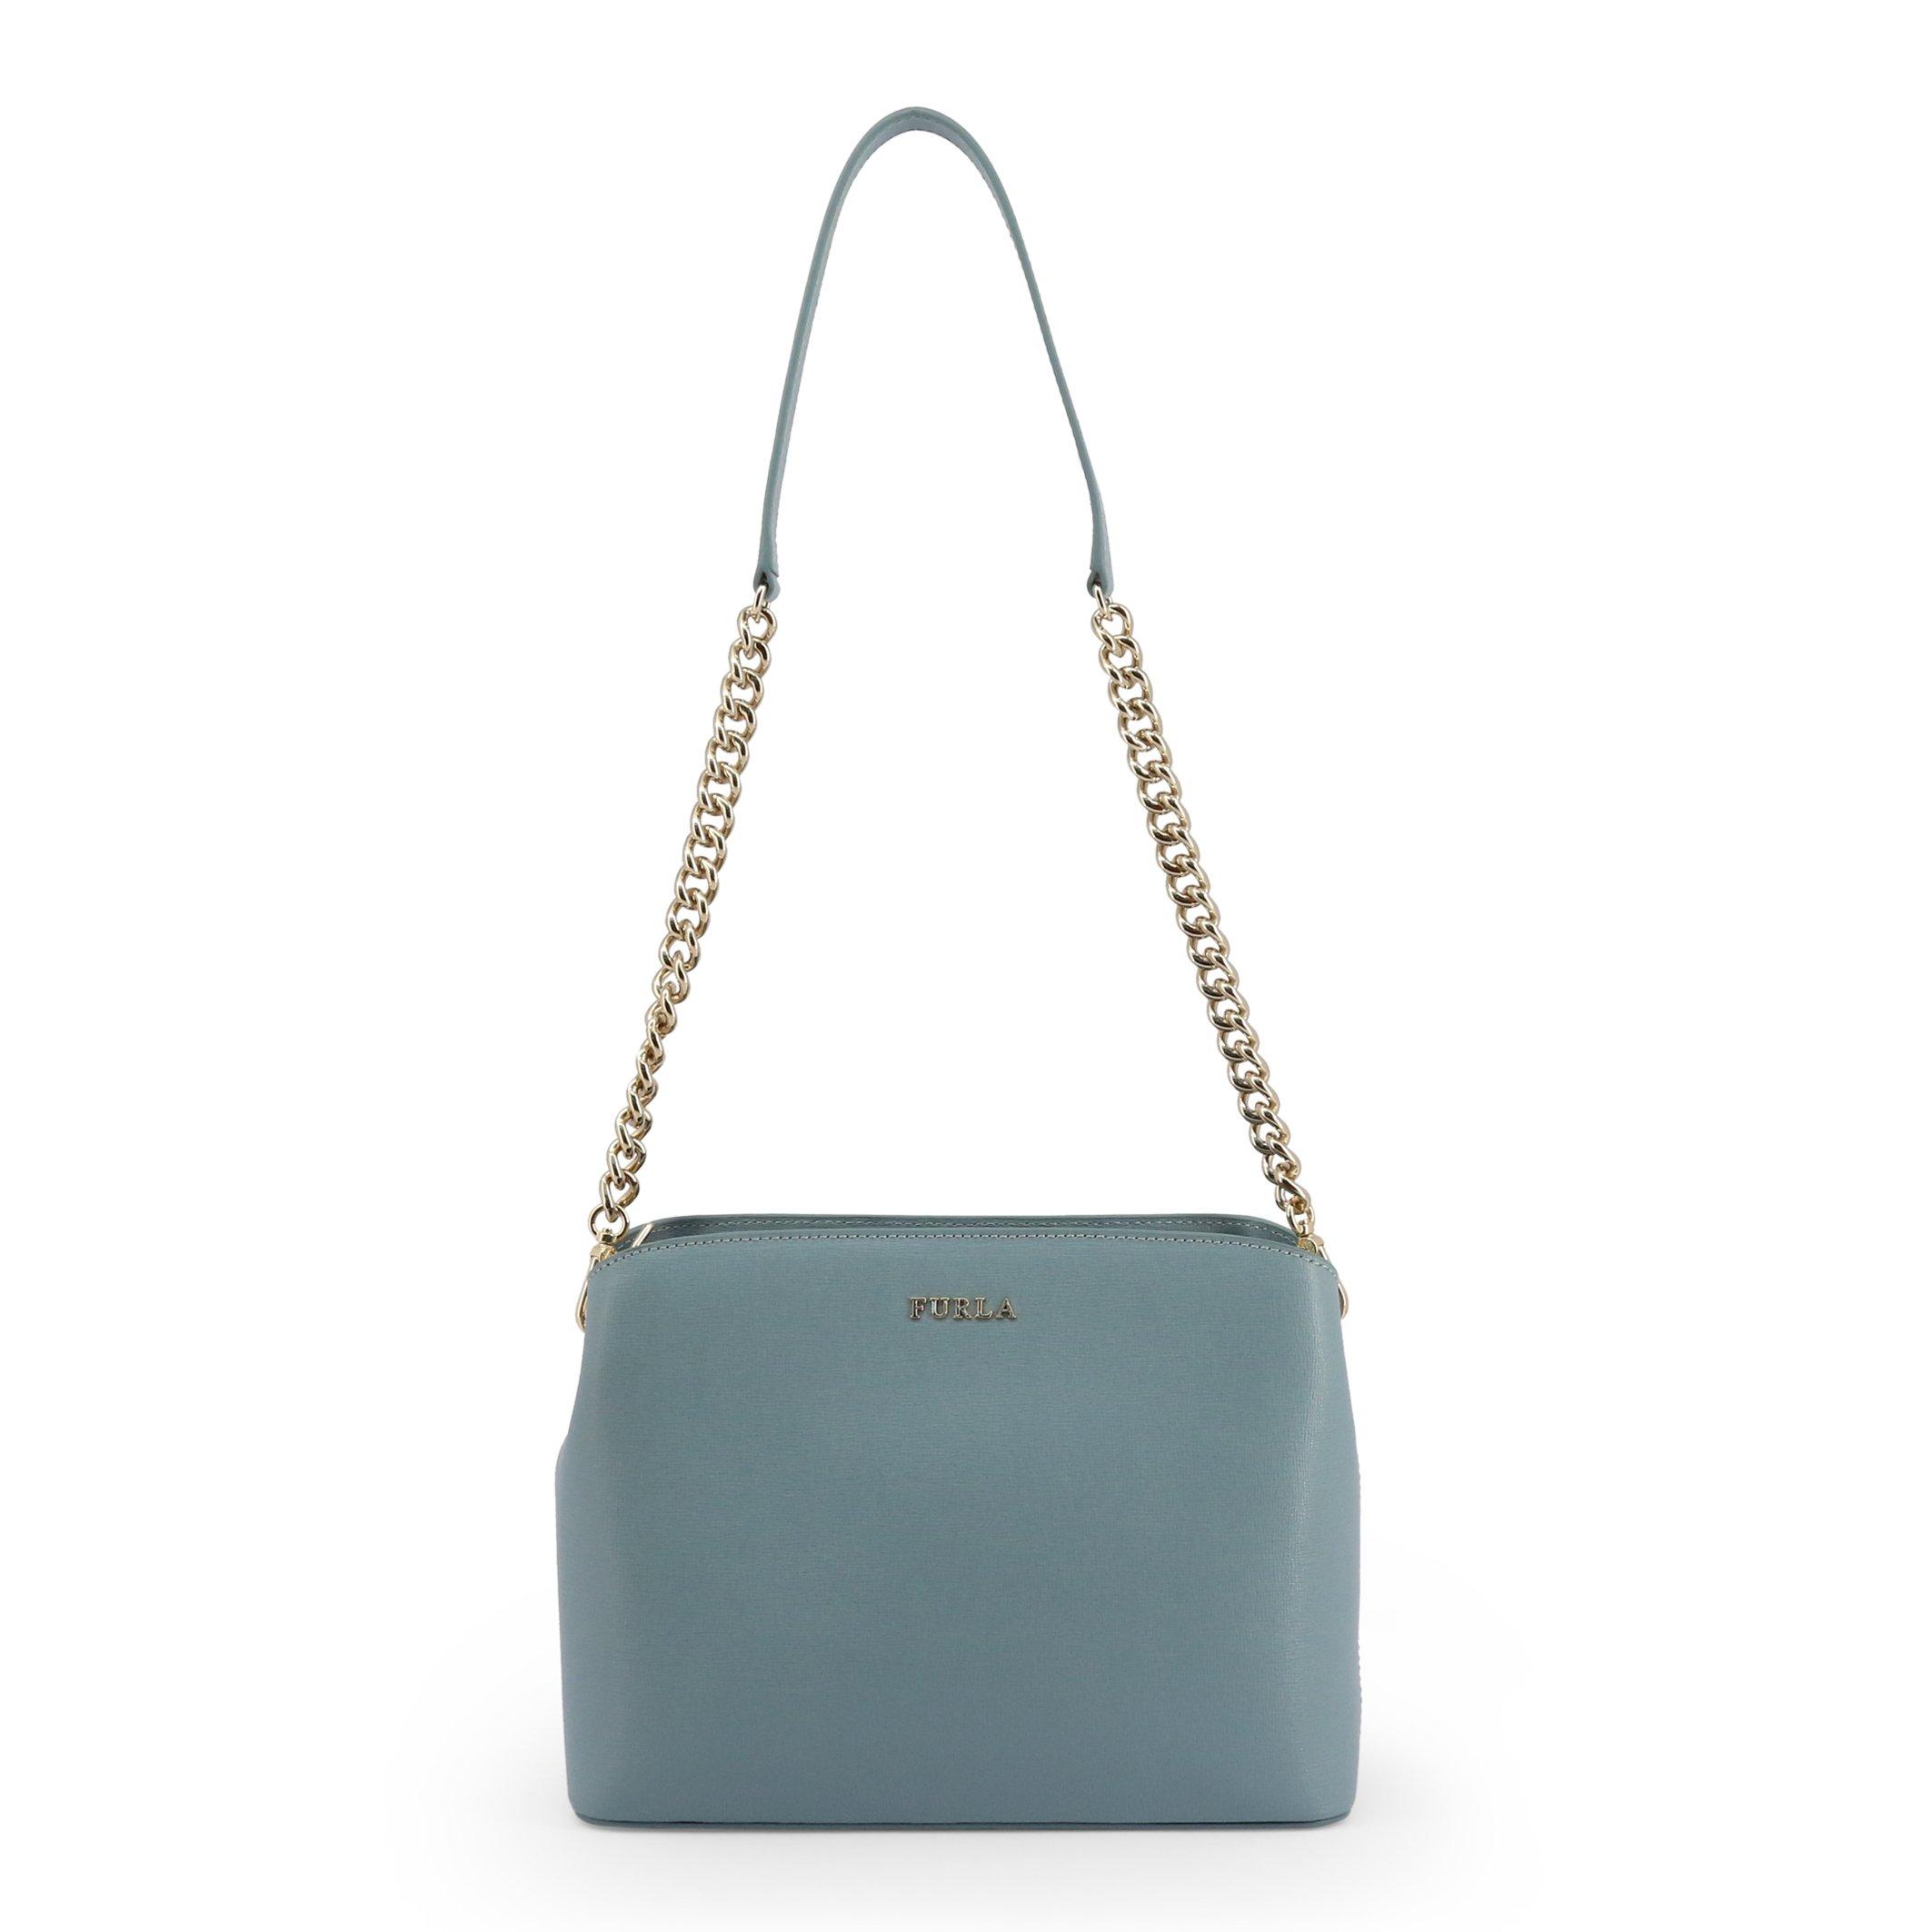 Furla Women's Shoulder Bag Various Colours TESSA_BWA9 - blue NOSIZE